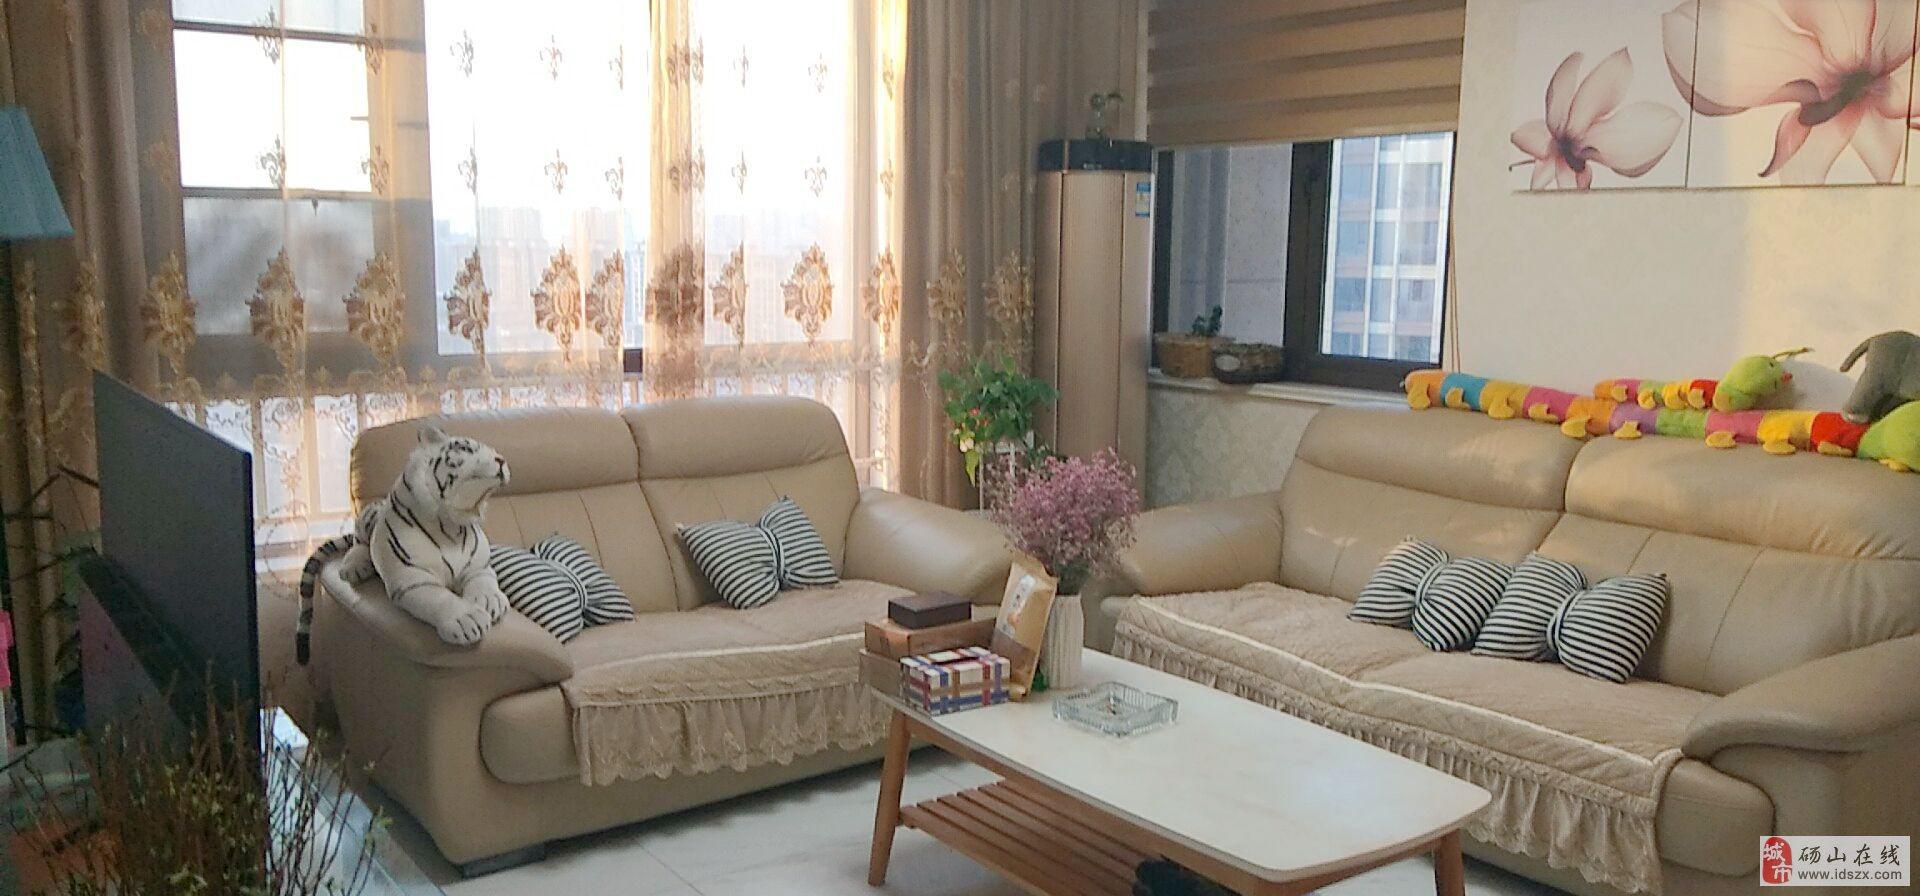 荣联尚东城22楼精装房家具家电齐全环境优美